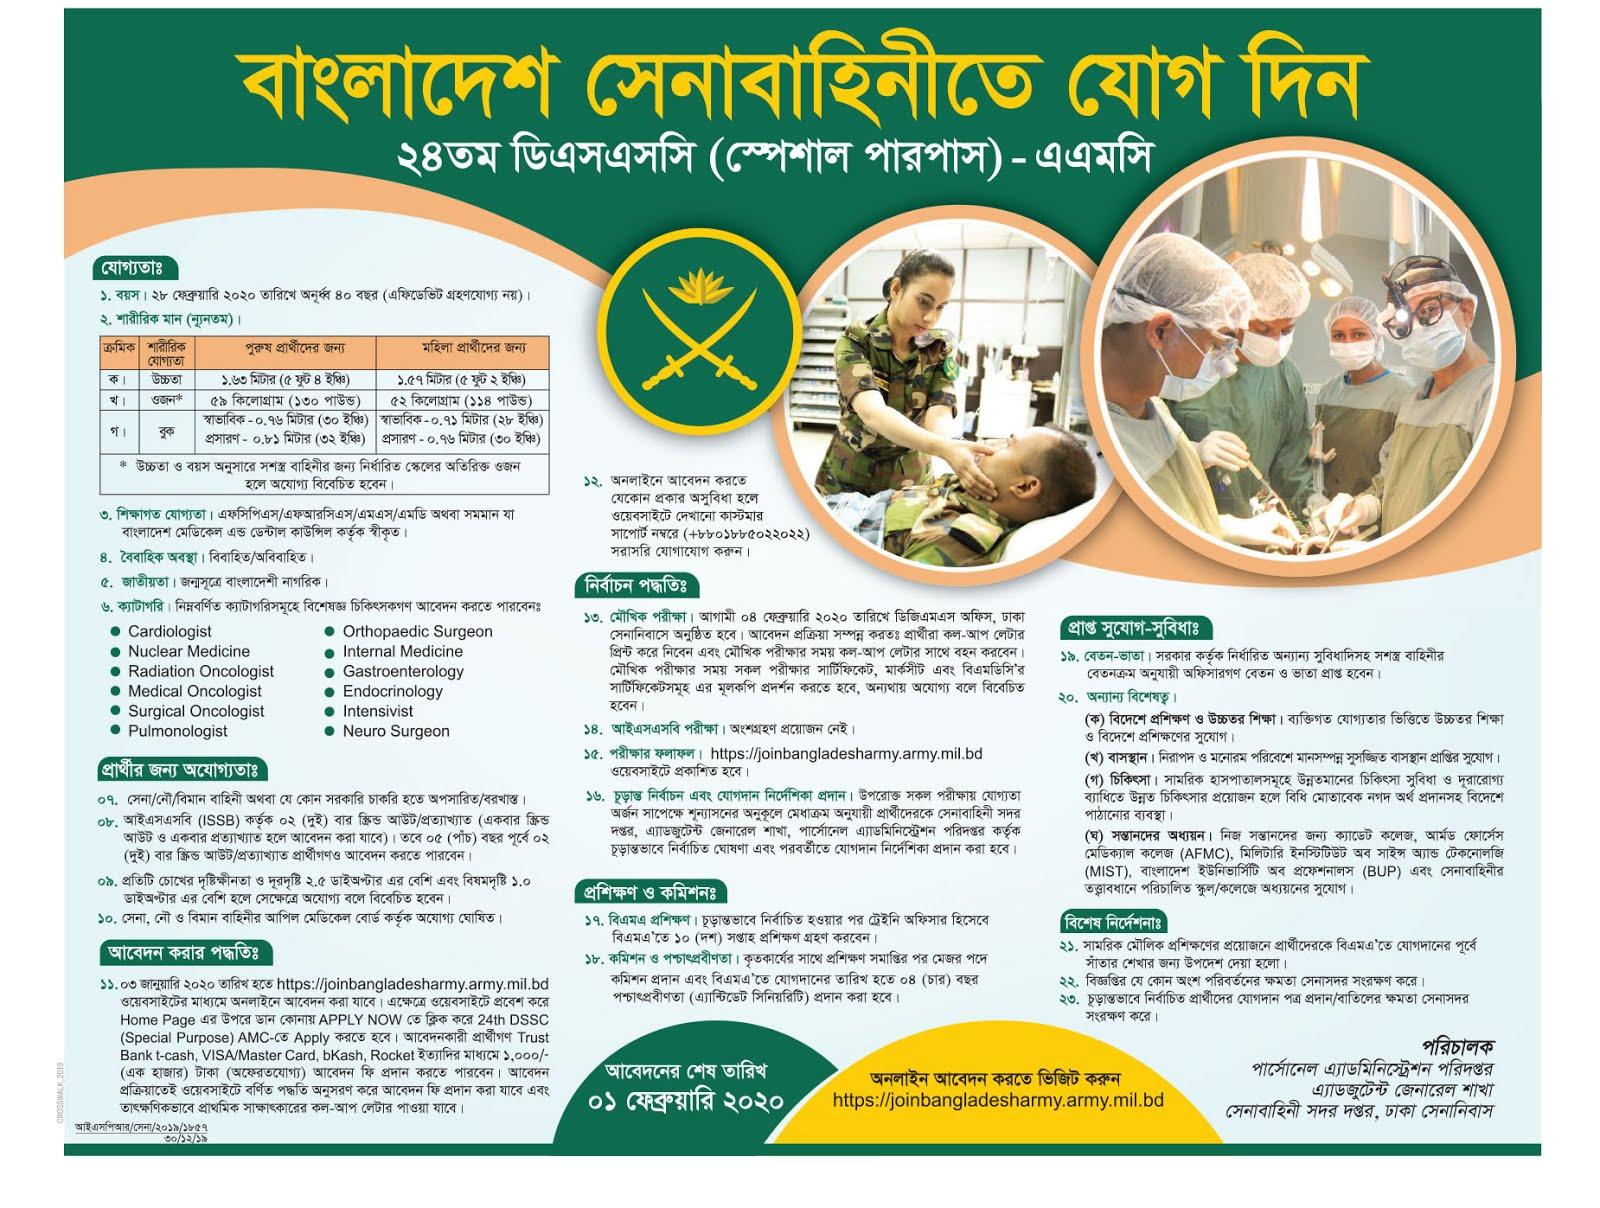 সেনাবাহিনী সার্কুলার ২০২০ ajker chakrir khobor 2020